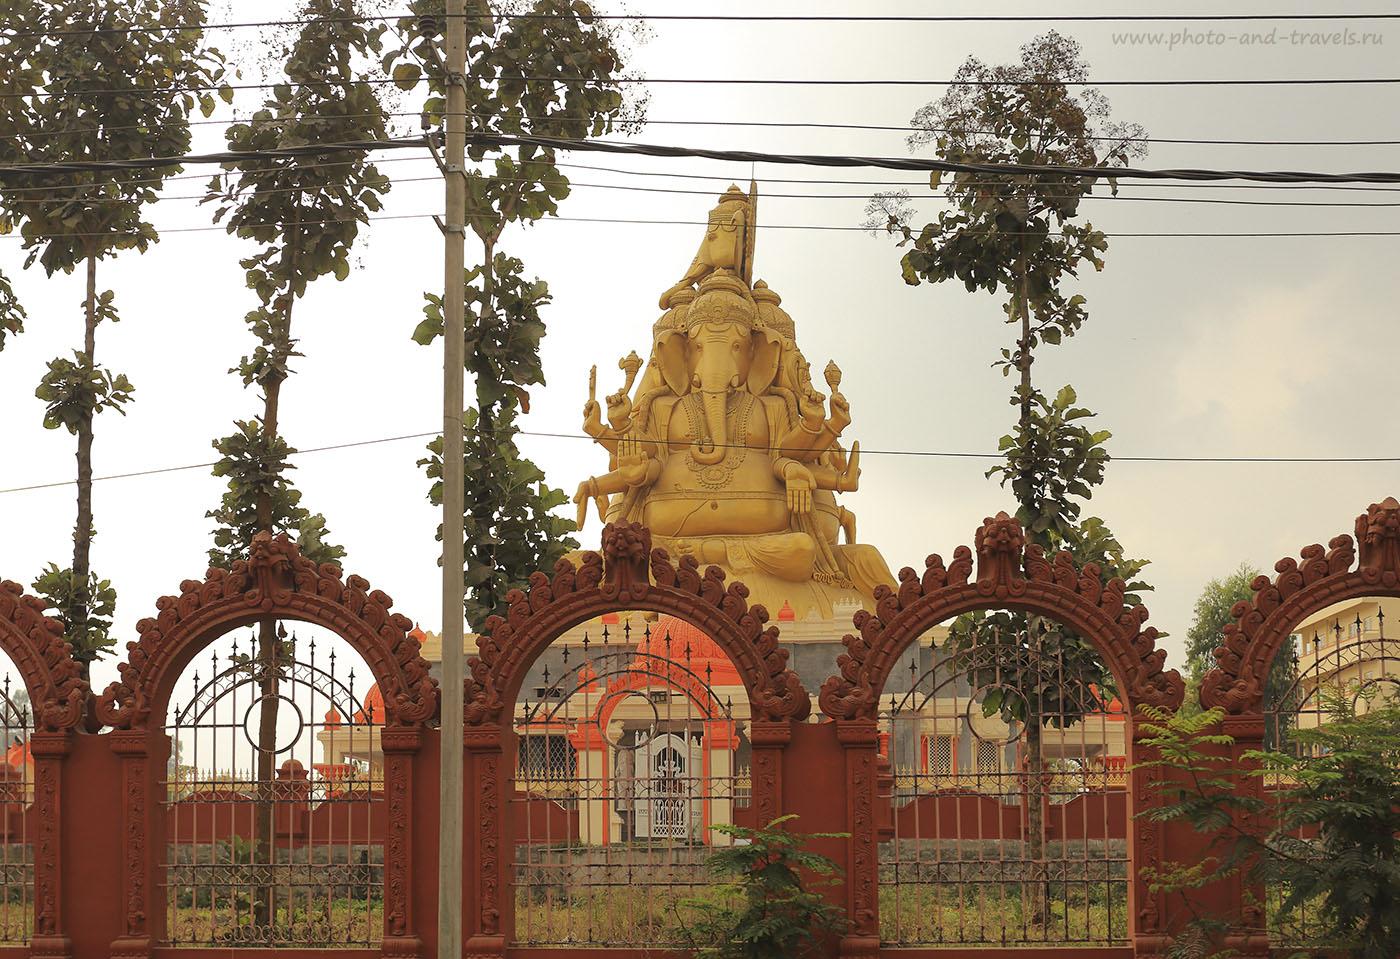 Фотография 2. Статуя Ганеши. Отдых в Индии. Поездка в Карнатаку. 1/200, +1 EV, f/6.3, 200, 40 mm